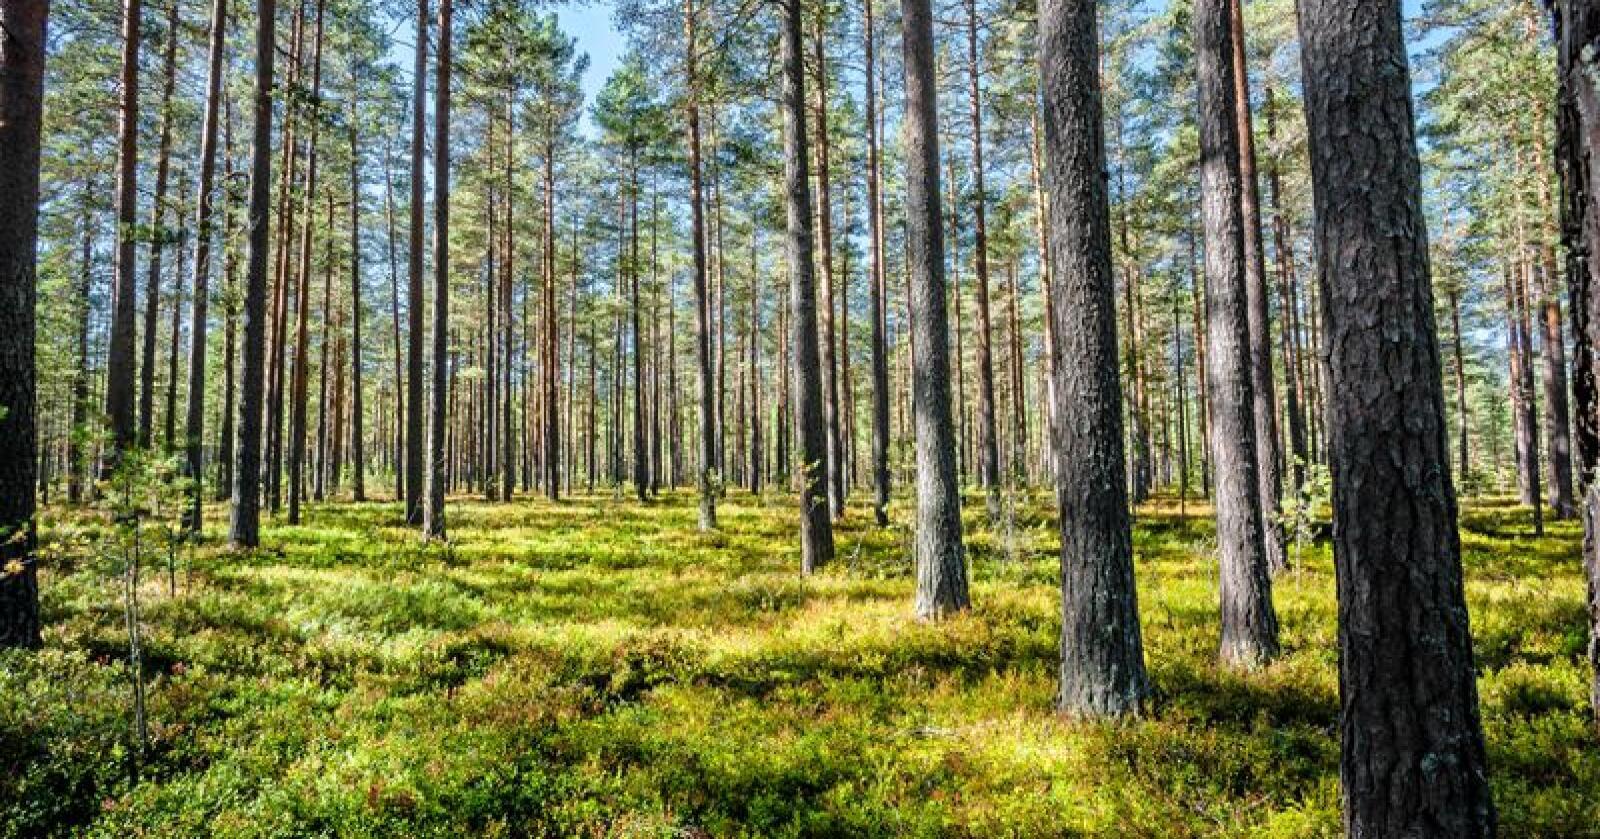 Jeg ikke går i skogen lenger, skriver innsenderen. Foto: Jan Erstad / Mostphotos